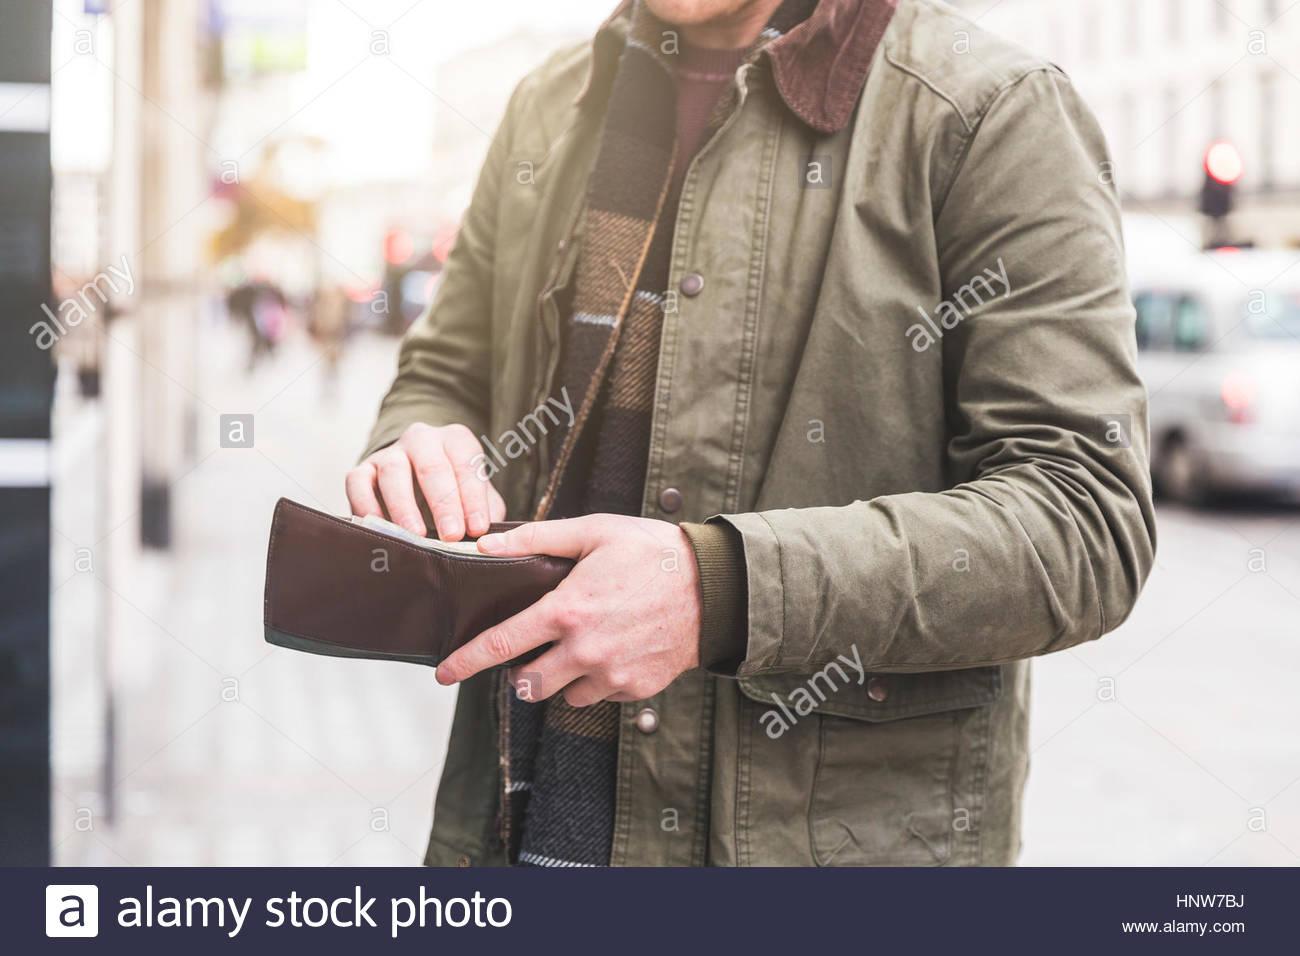 El hombre controlar monedero delante de la tienda, Londres, Reino Unido. Imagen De Stock